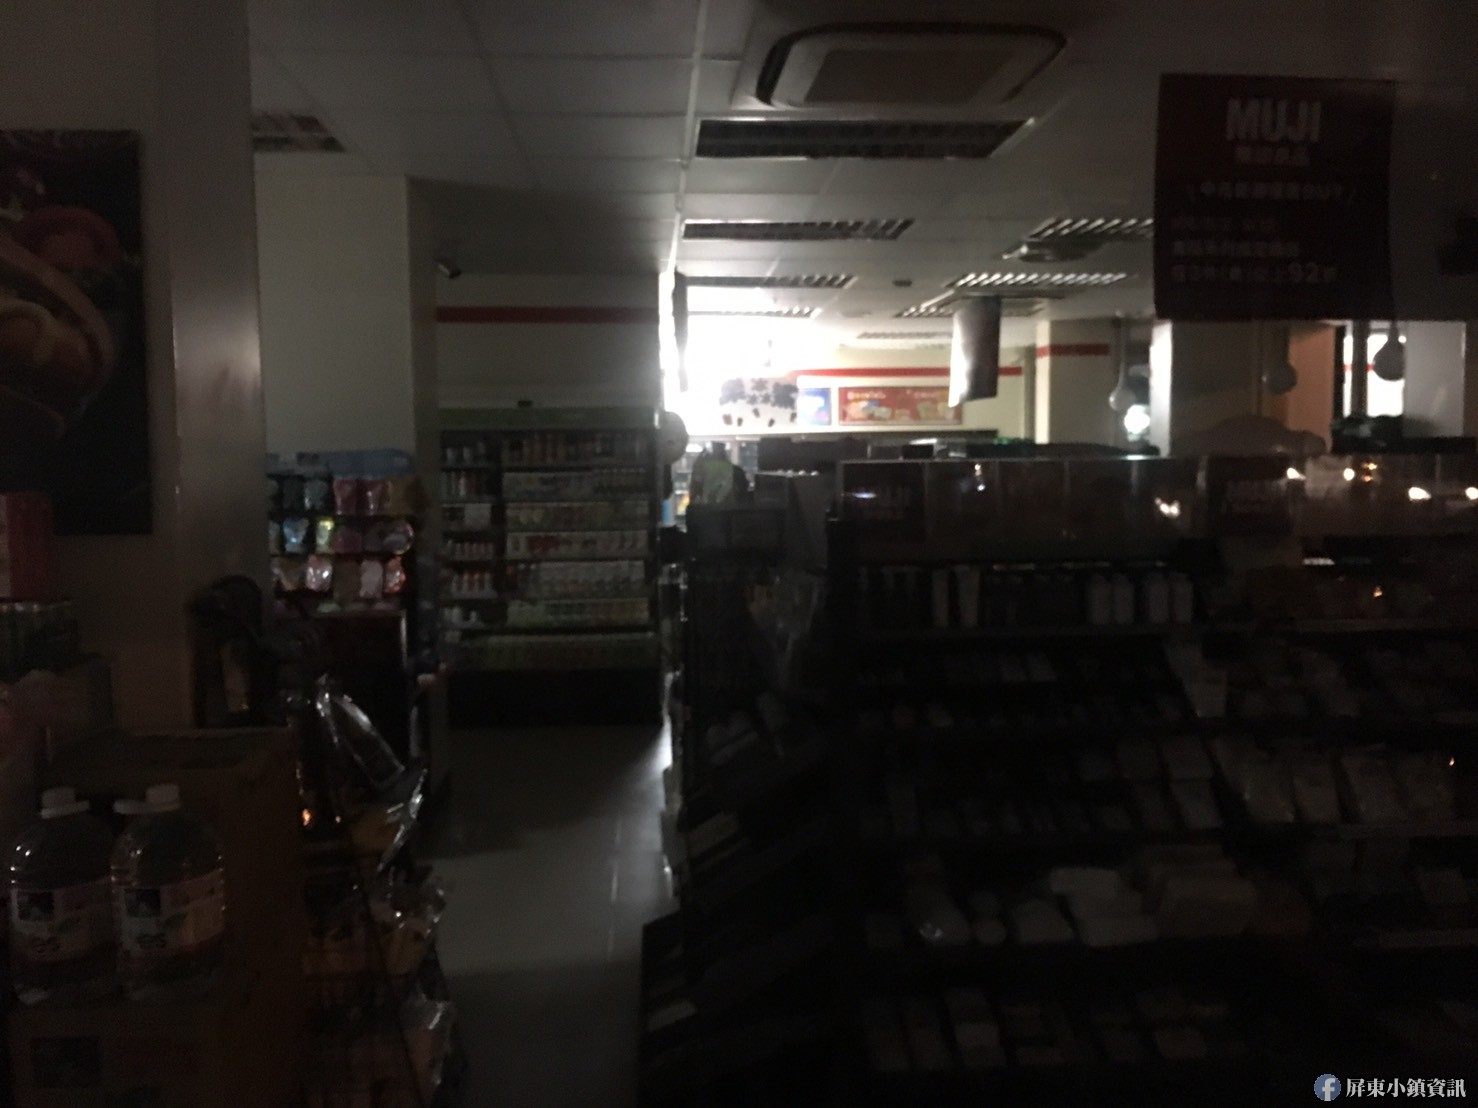 即時》屏東市區又停電 店家叫苦冰品解凍鐵捲門還放不下來-小鎮資訊掌握屏東資訊